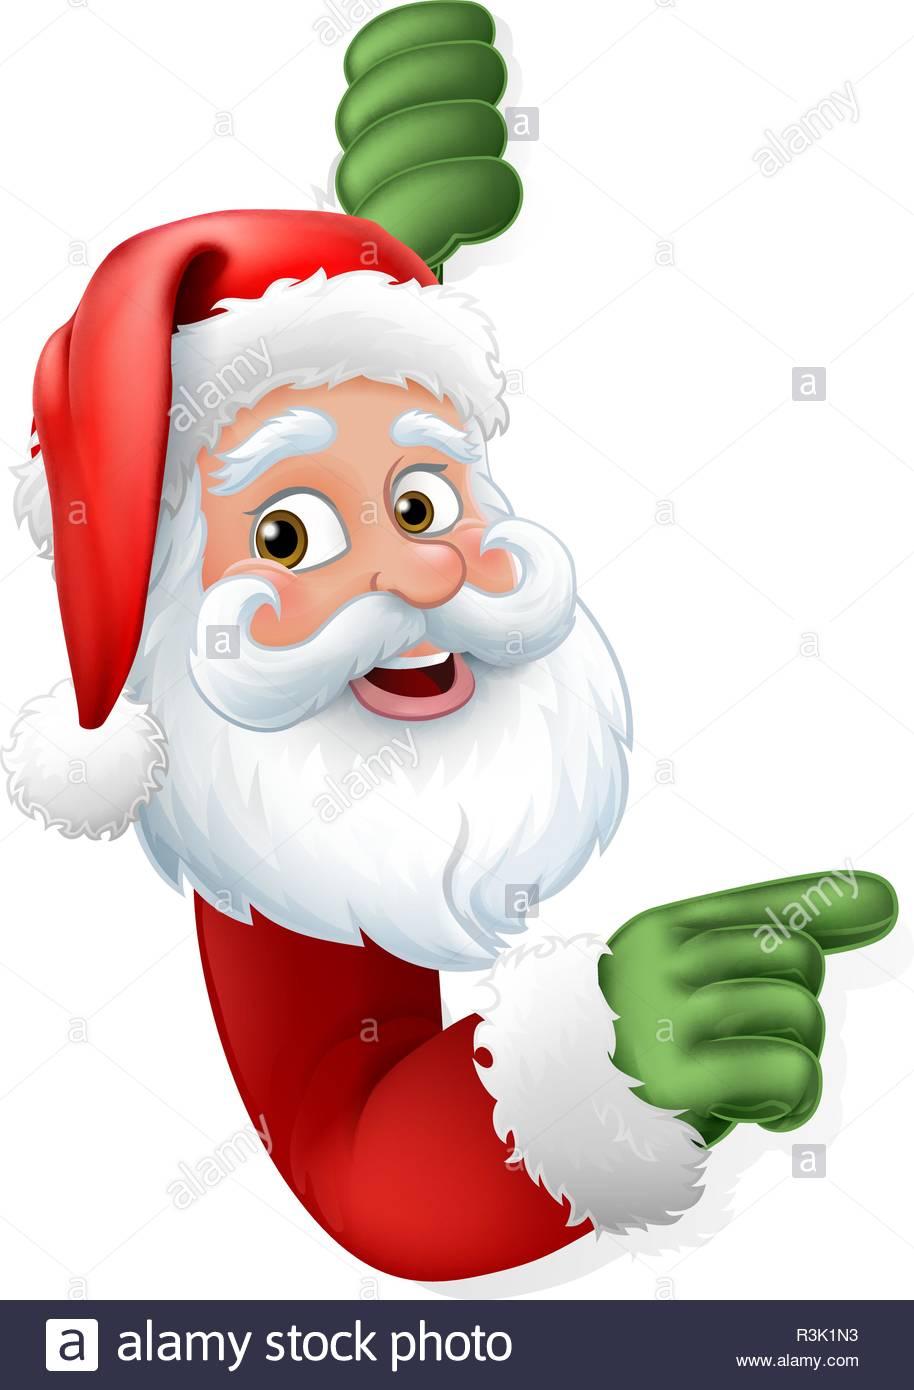 Santa Claus Personaje De Dibujos Animados De Navidad Dibujos Animados De Navidad Dibujo De Navidad Dibujos Animados Navidenos